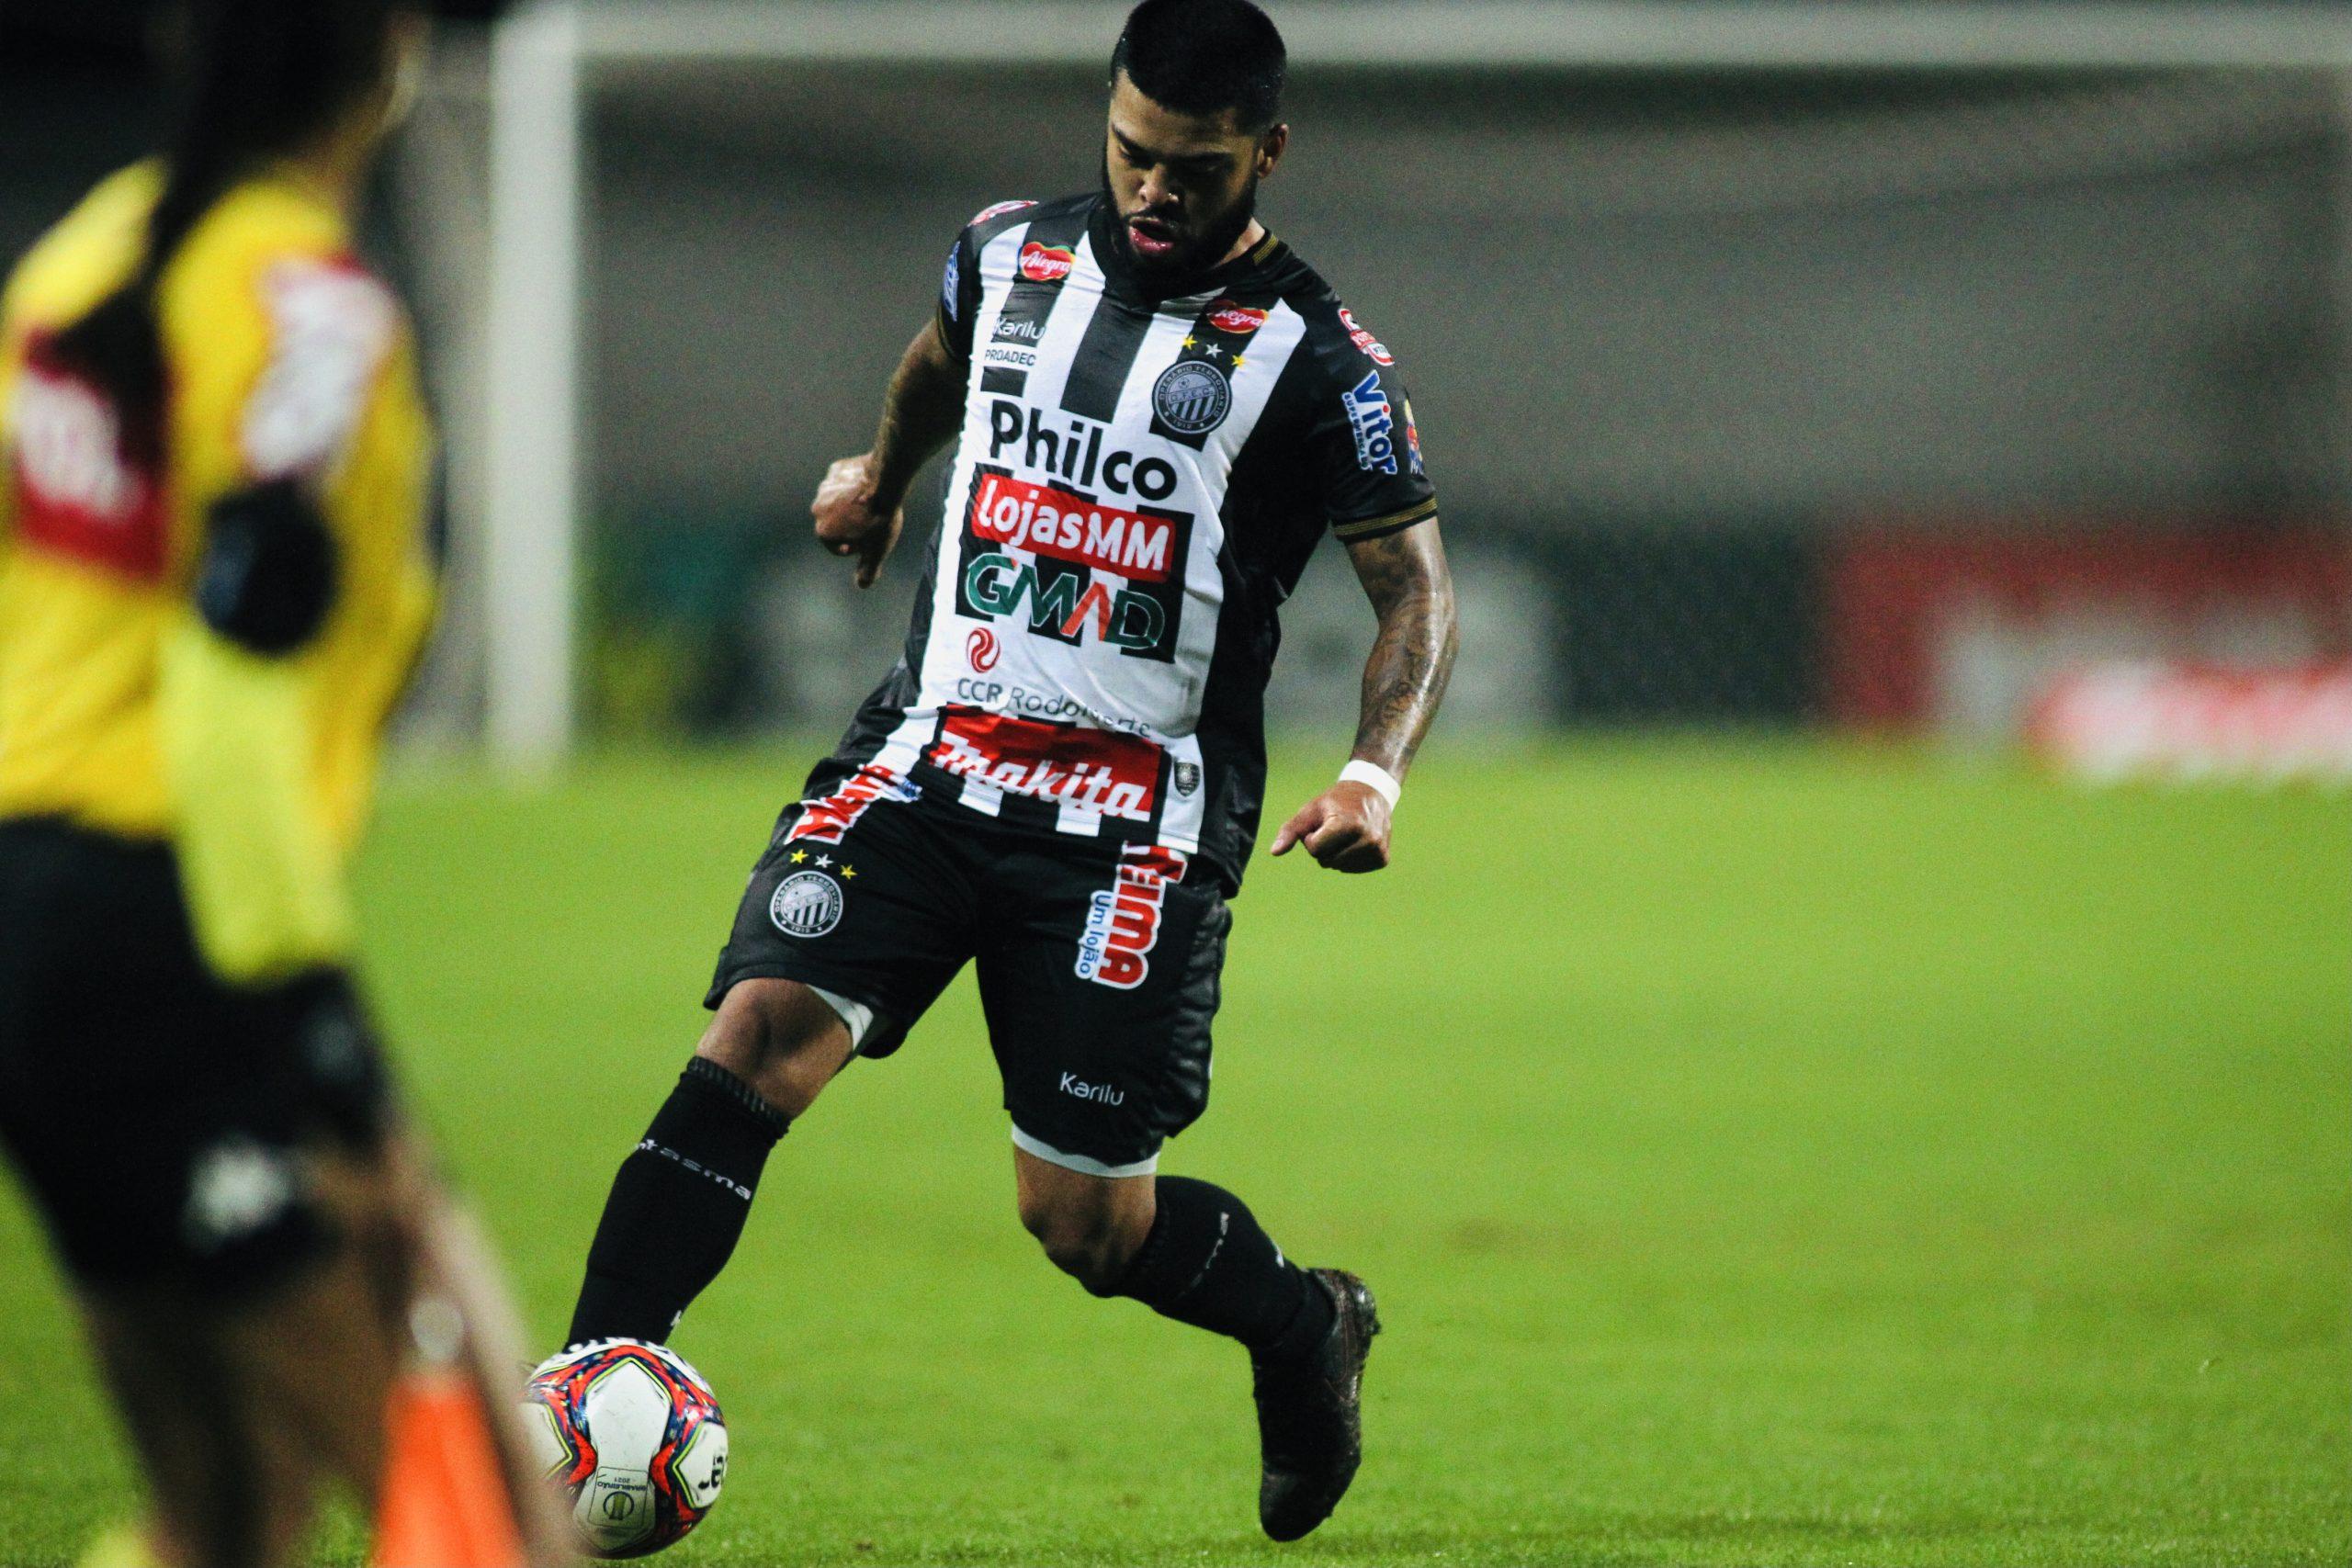 Operário quer vitória em Londrina pela semifinal do Paranaense